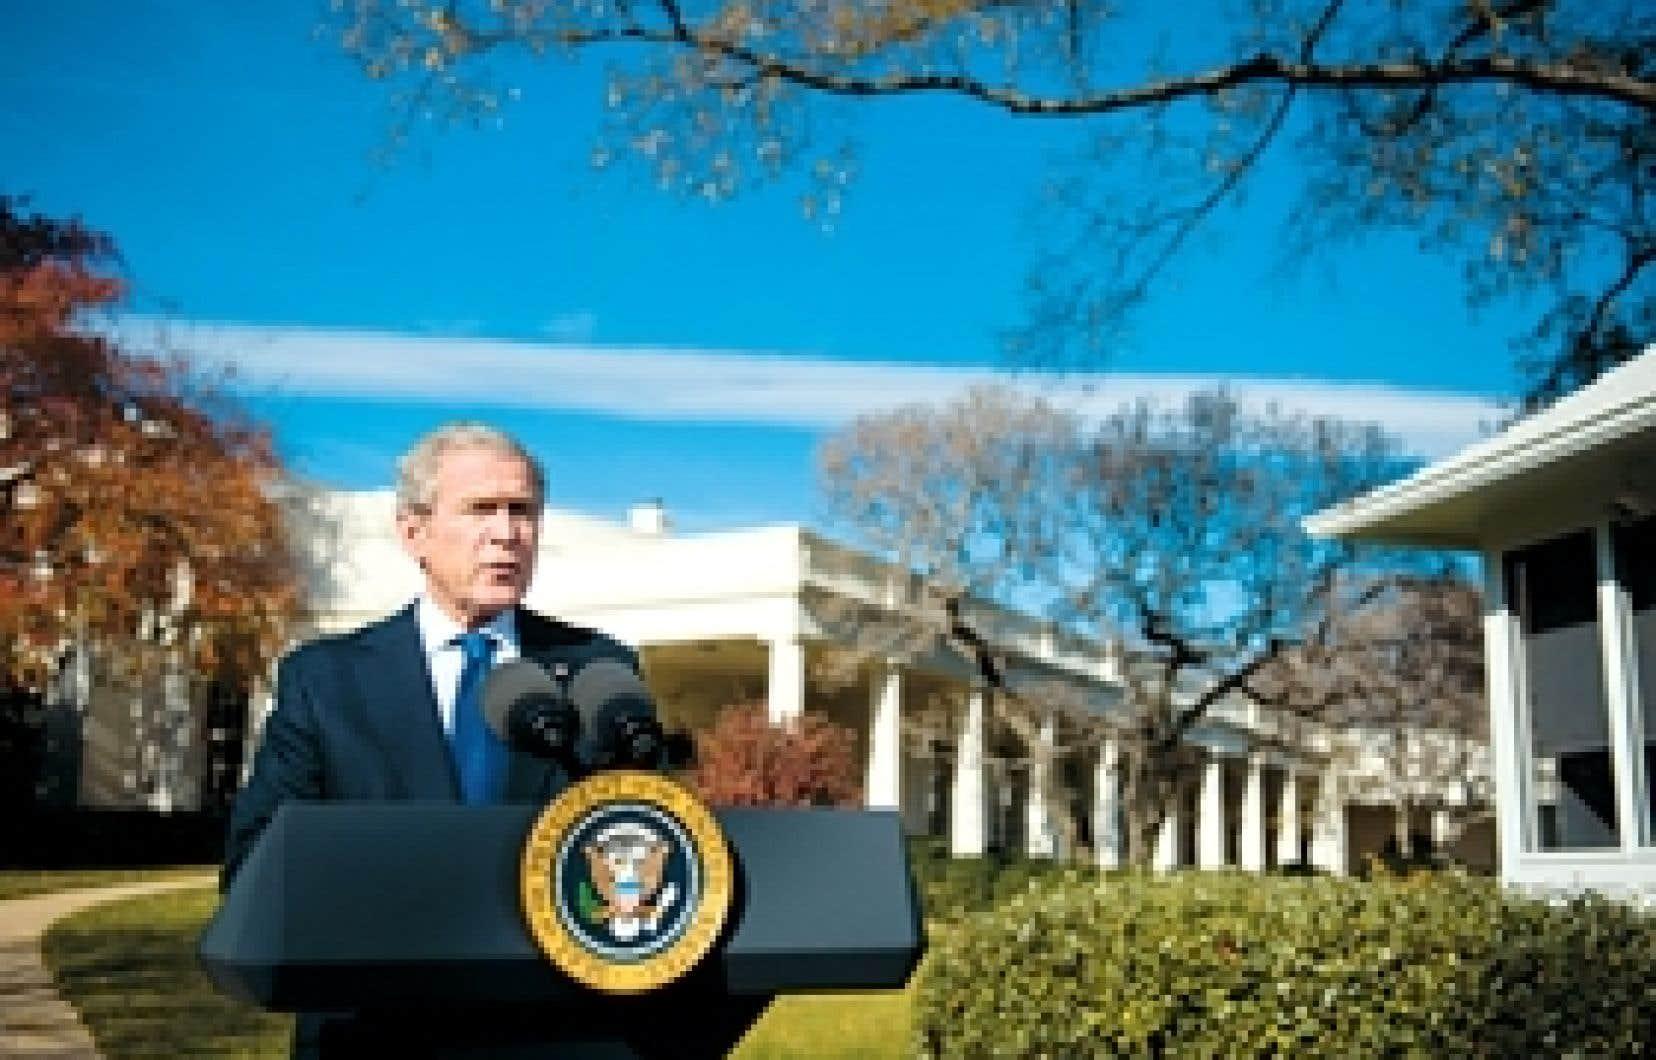 «Les chiffres de l'emploi publiés aujourd'hui reflètent le fait que notre économie est en récession», a déclaré hier le président Bush.